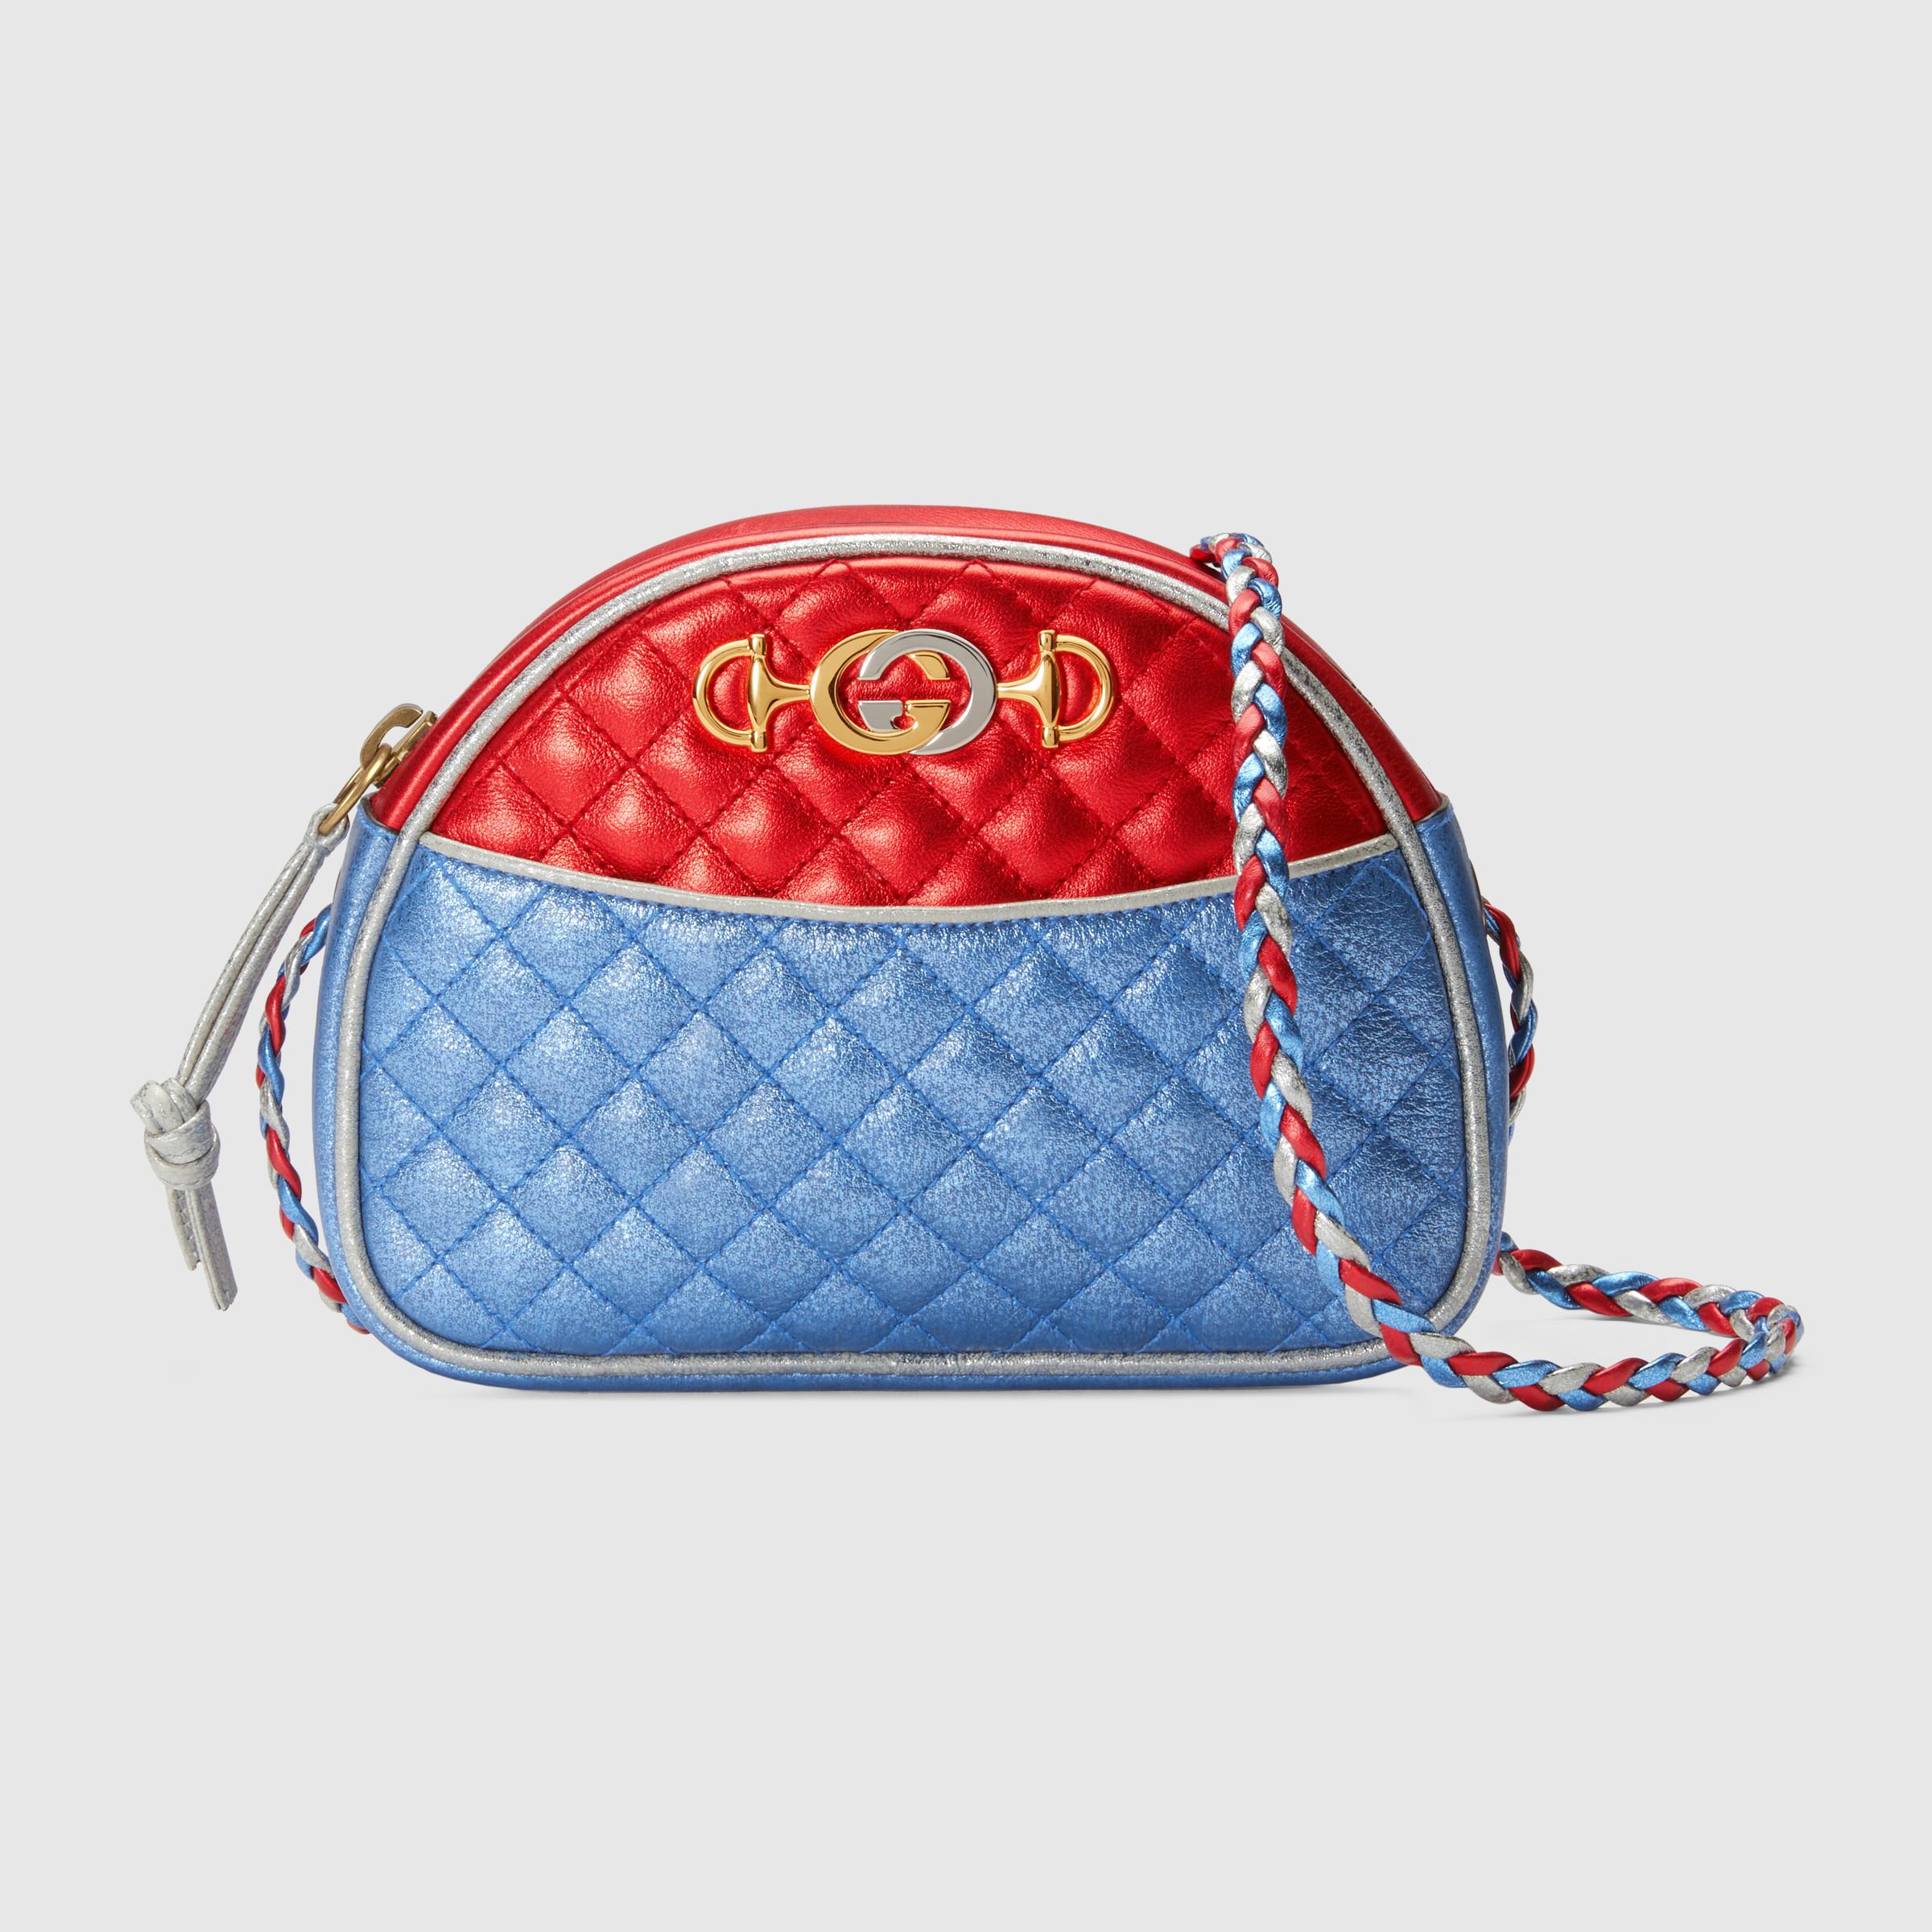 534951_0U14X_6495_001_066_0013_Light-Laminated-leather-mini-bag